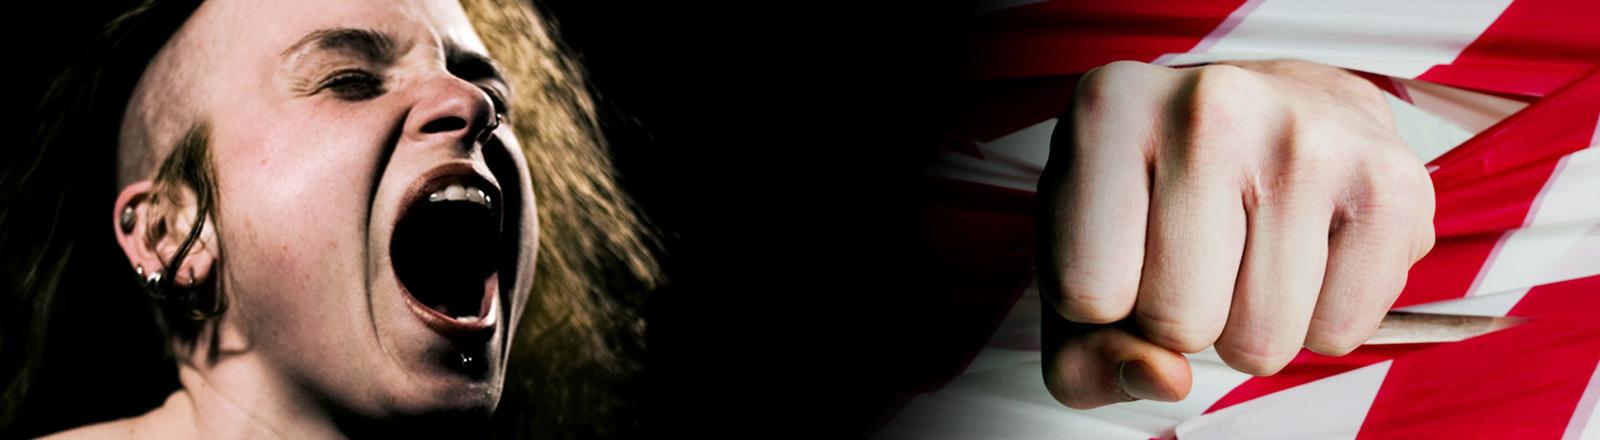 Collage: Schreiende Frau und Hand durchs Absperrband